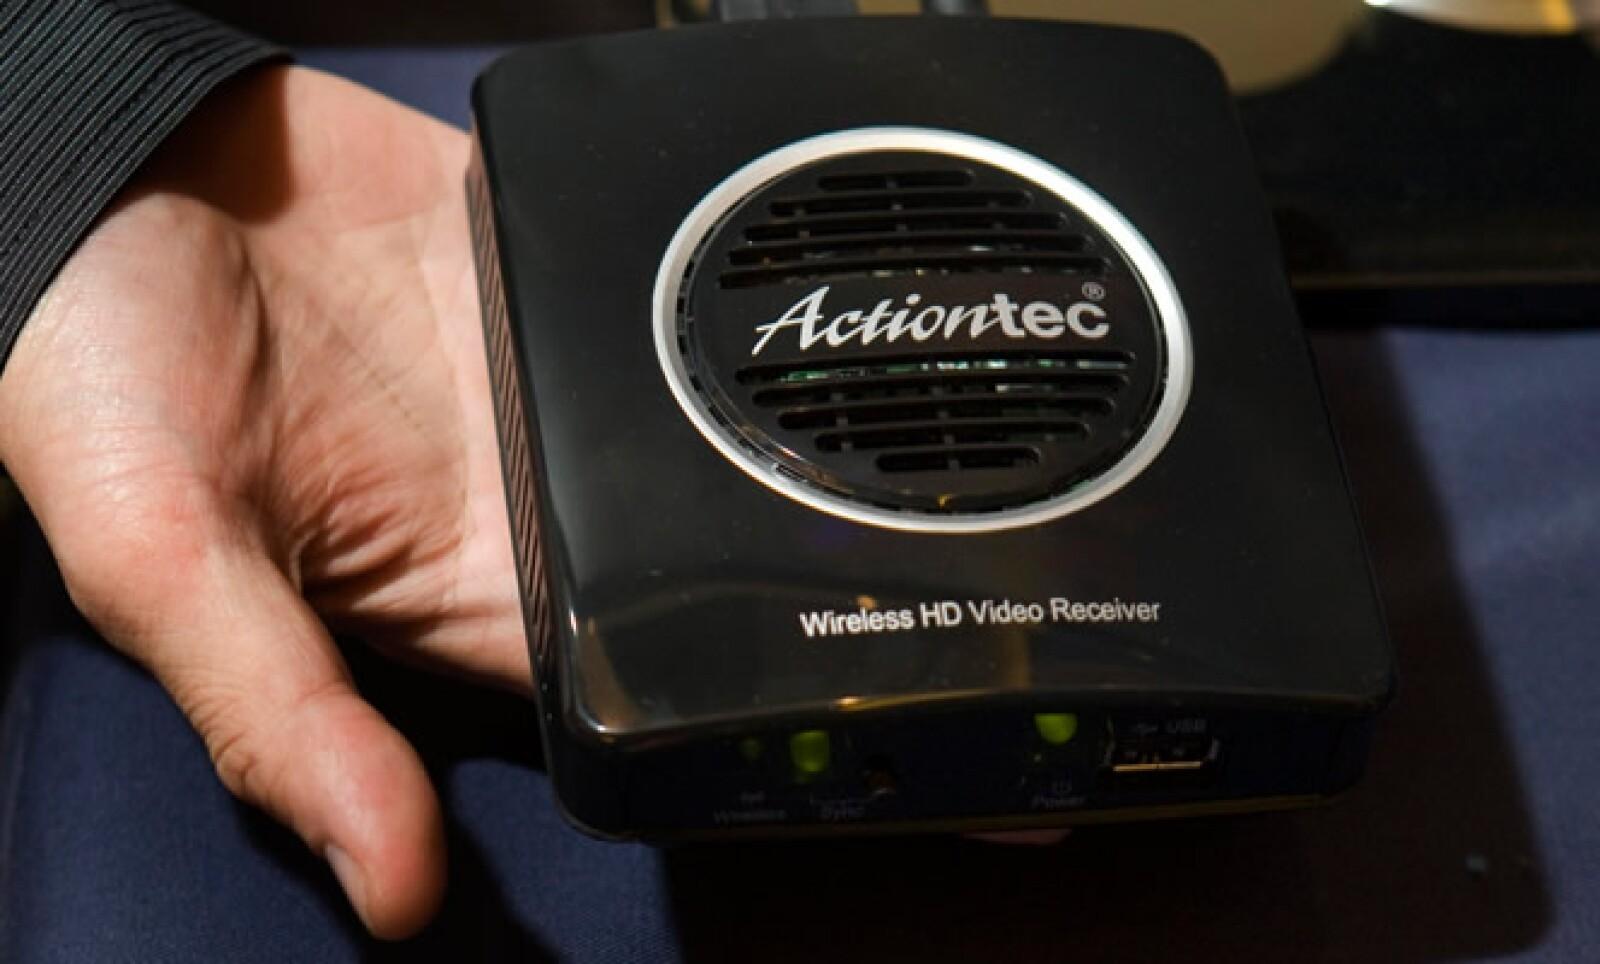 El ActionTec permite enviar de forma inalámbrica video en alta definición o HD a varios televisores en el hogar.